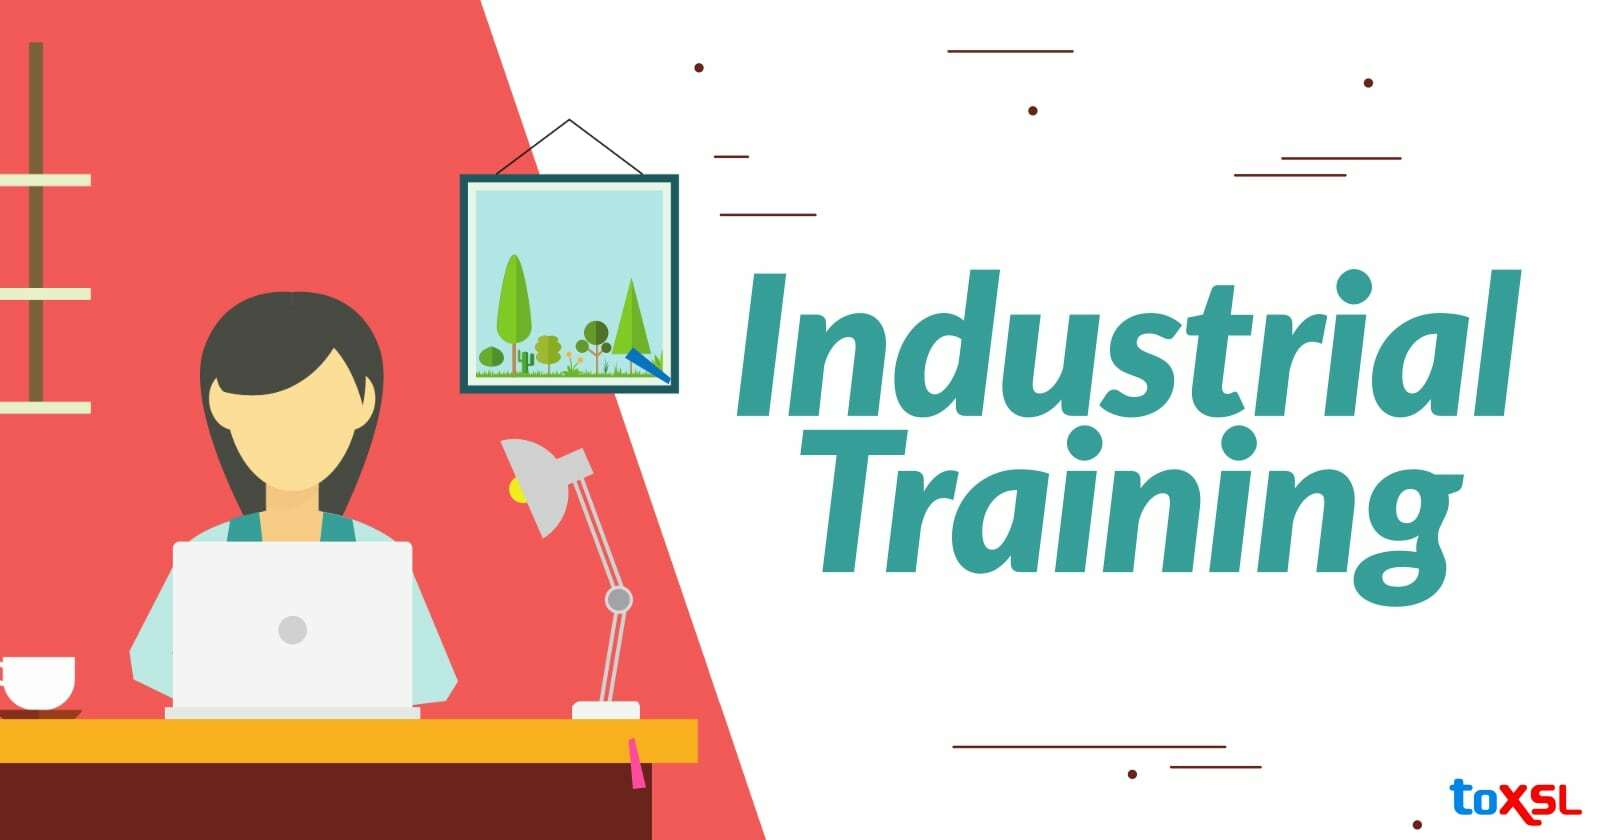 Internship / Industrial training